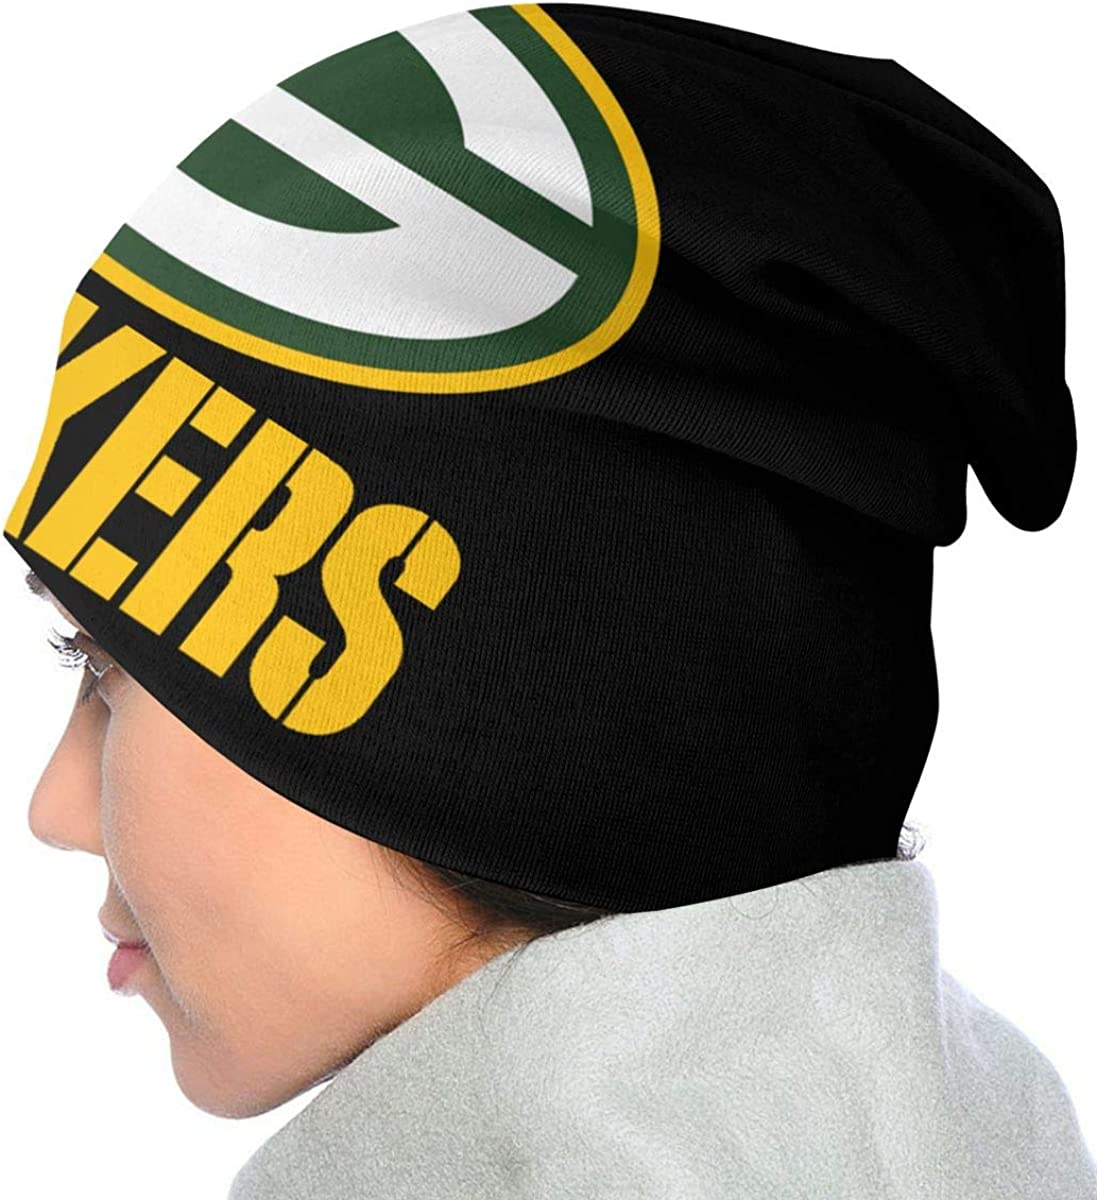 Sinobullit Kids Beanie Caps Green Bay Packers Skull Cap Knitting Hat Warm Winter Knit Hats for Boys Girls